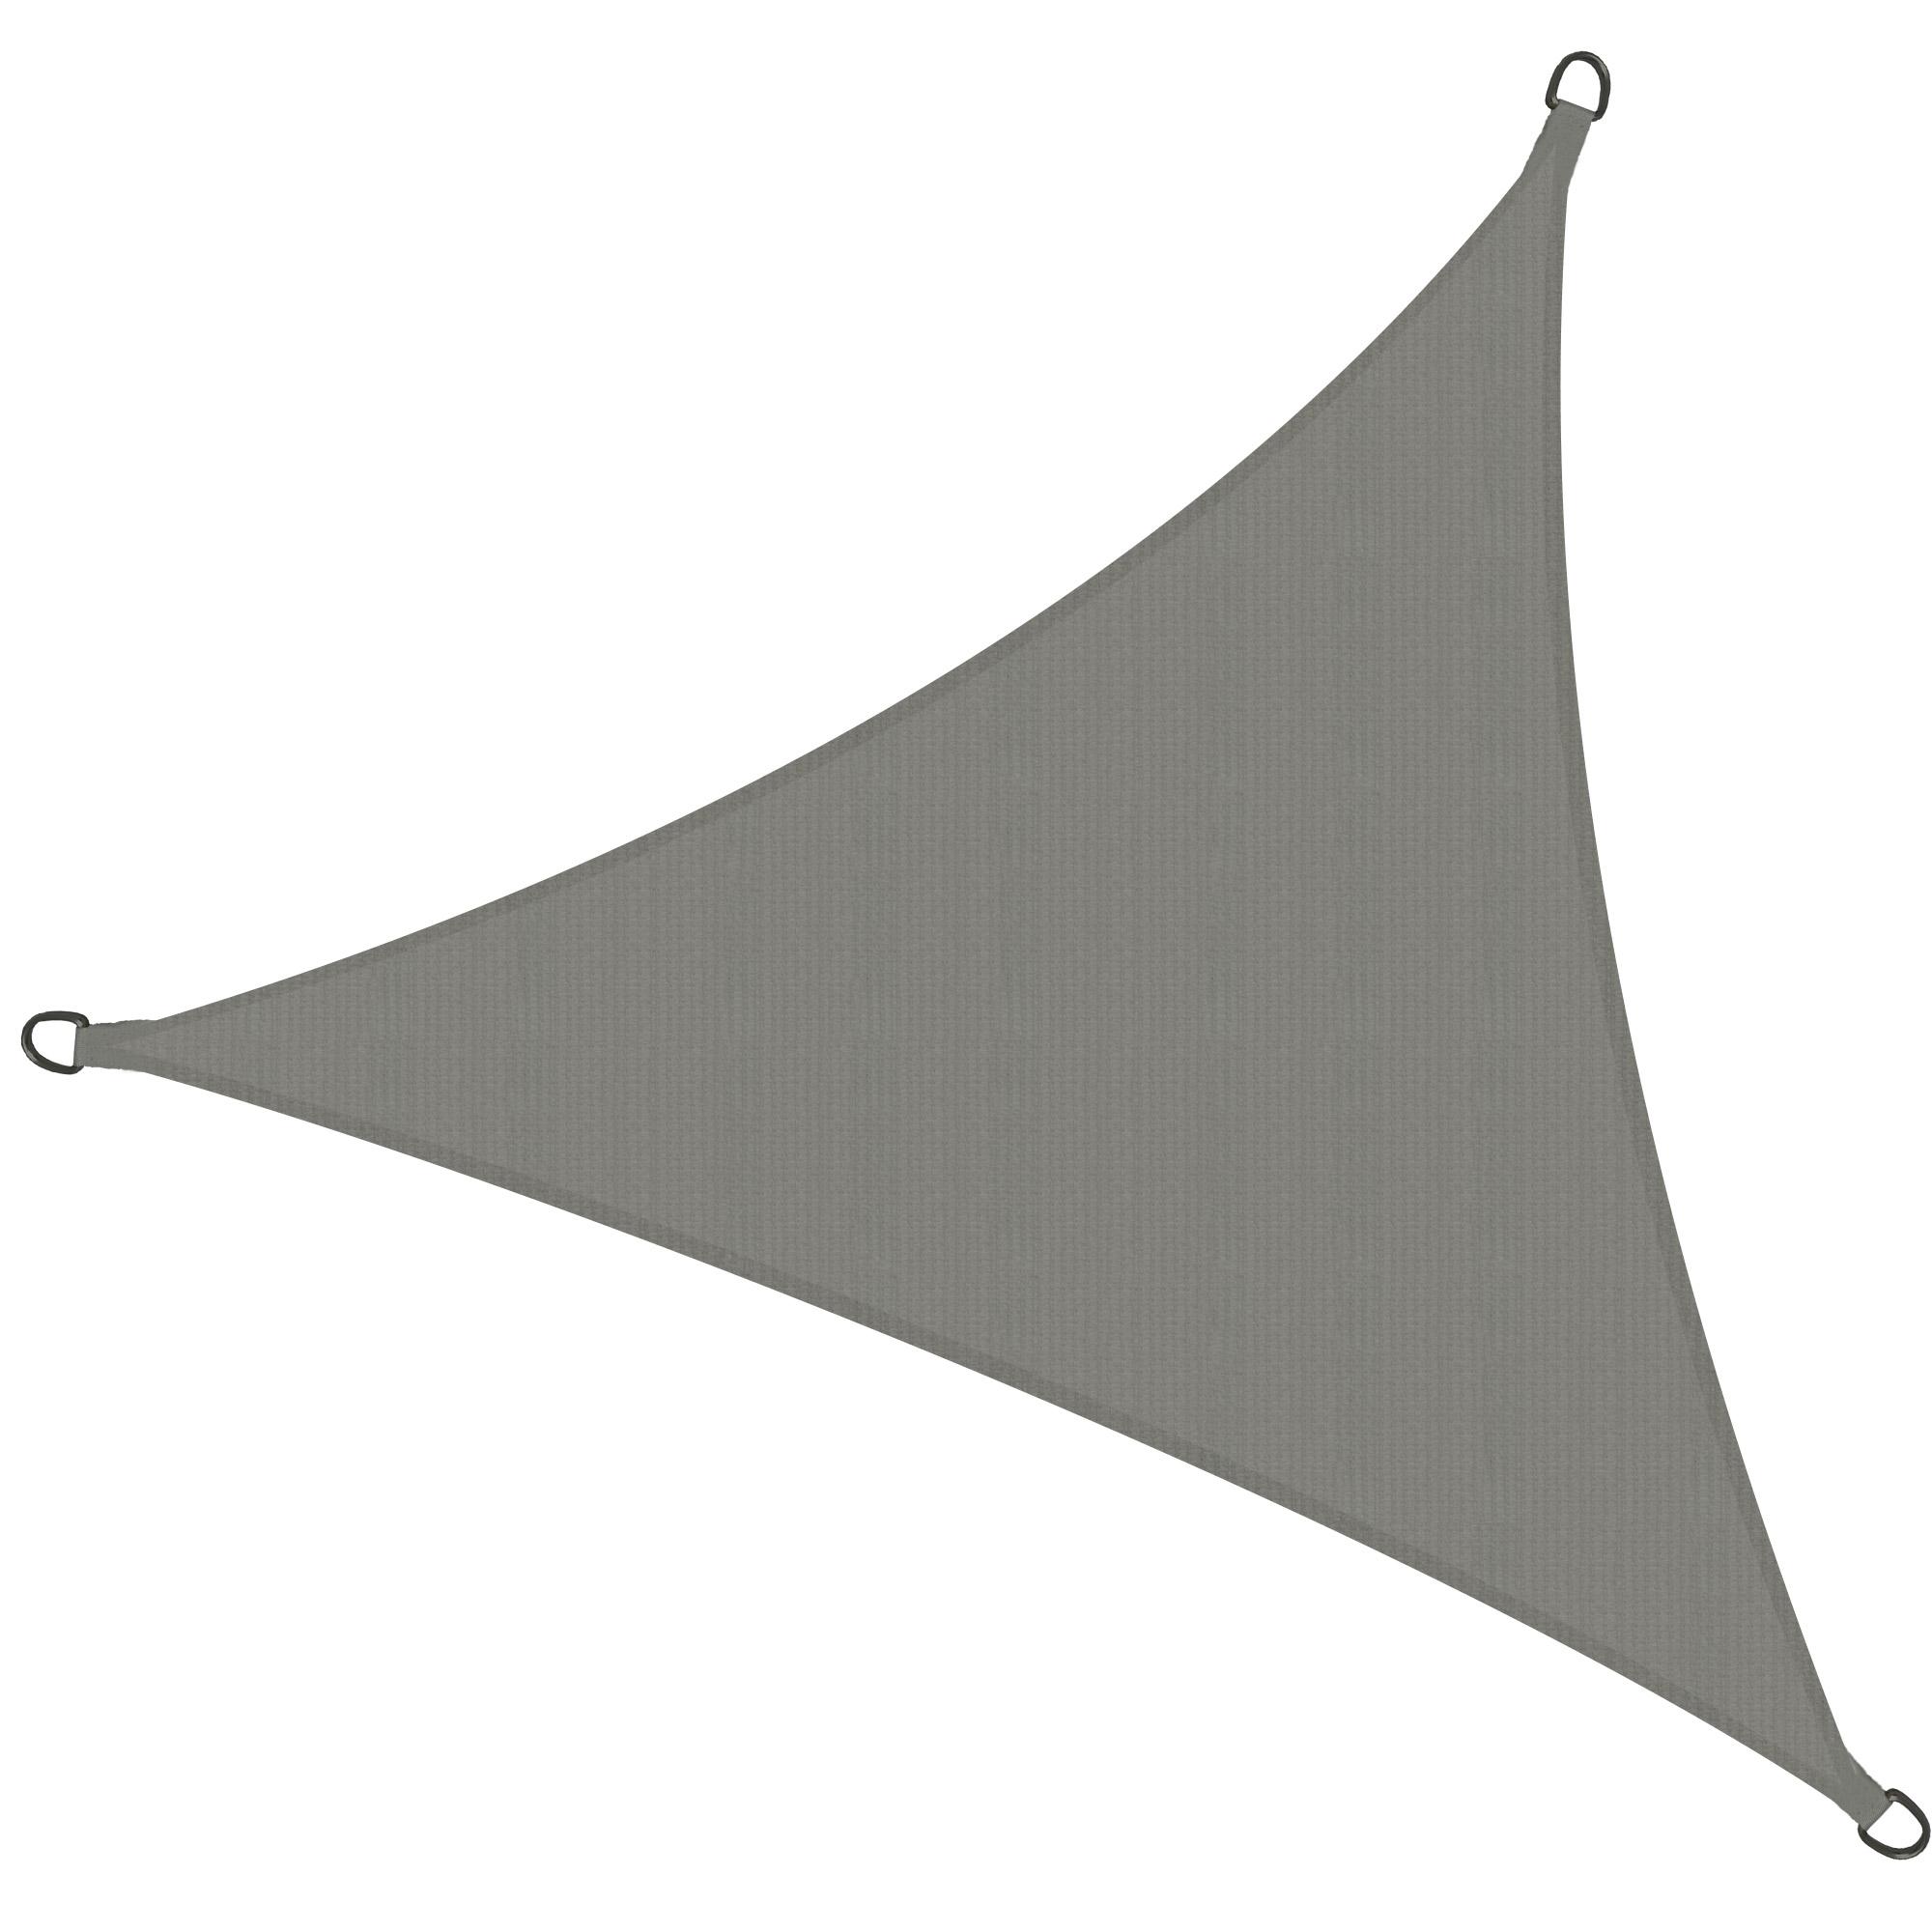 sonnensegel dreieck sonnenschutz uv schutz sonnendach windschutz sonnendach ebay. Black Bedroom Furniture Sets. Home Design Ideas